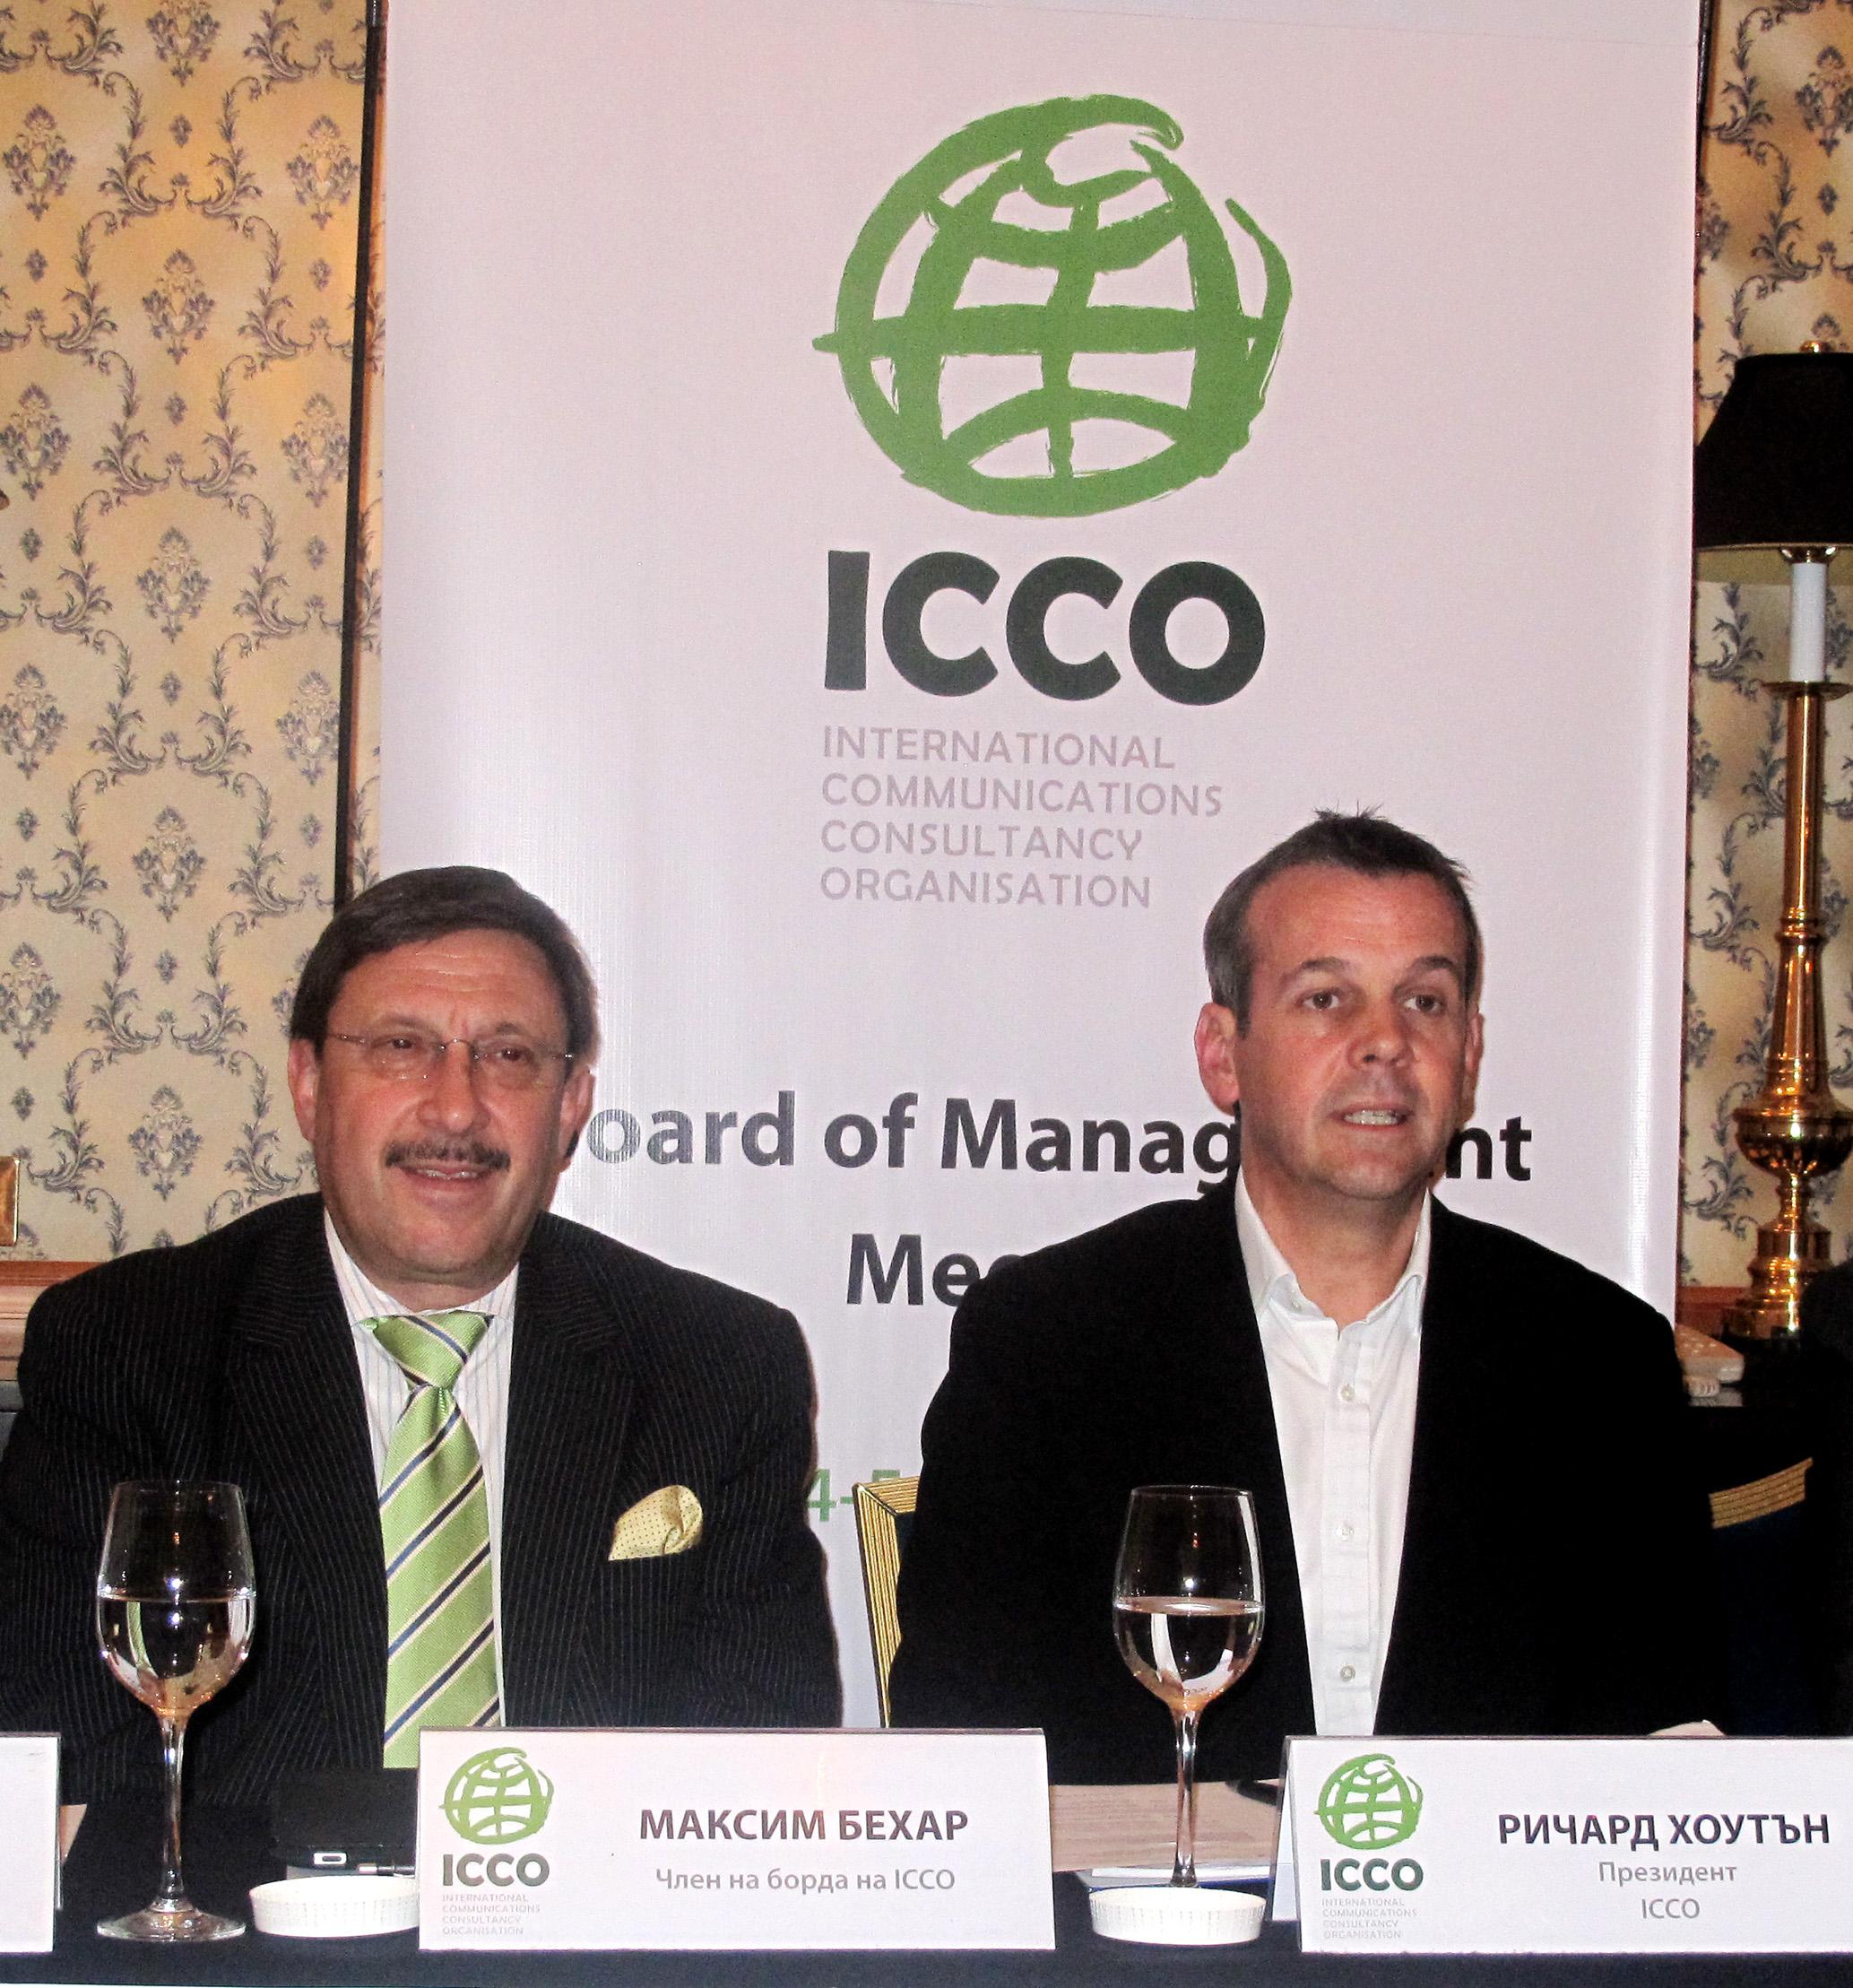 Максим Бехар, член на Борда на ICCO; Ричард Хоутън, президент на ICCO